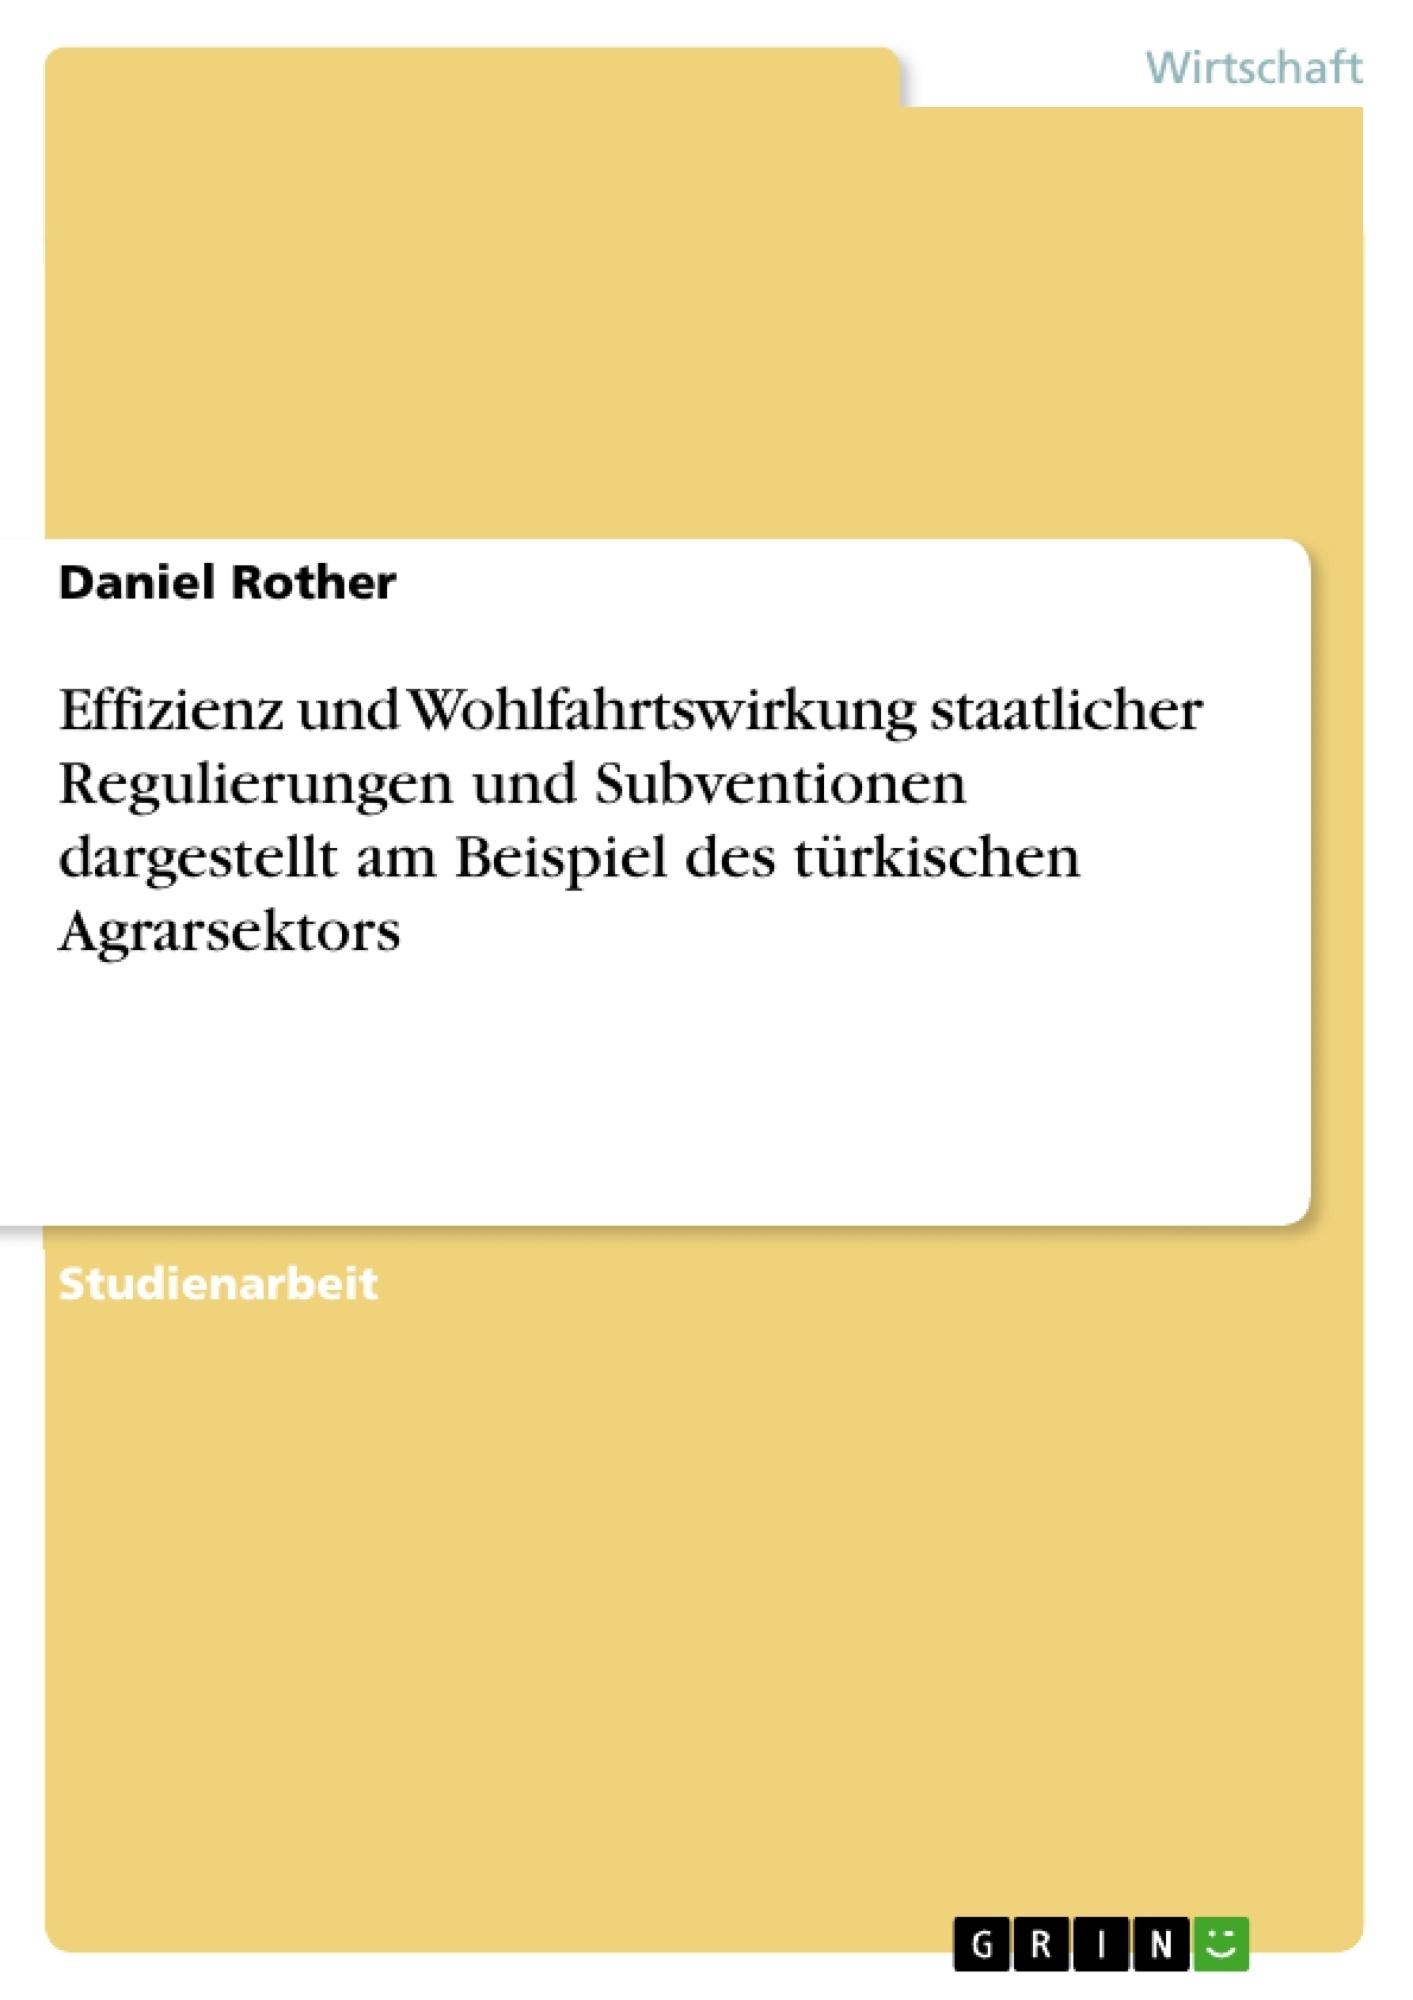 Titel: Effizienz und Wohlfahrtswirkung staatlicher Regulierungen und Subventionen dargestellt am Beispiel des türkischen Agrarsektors